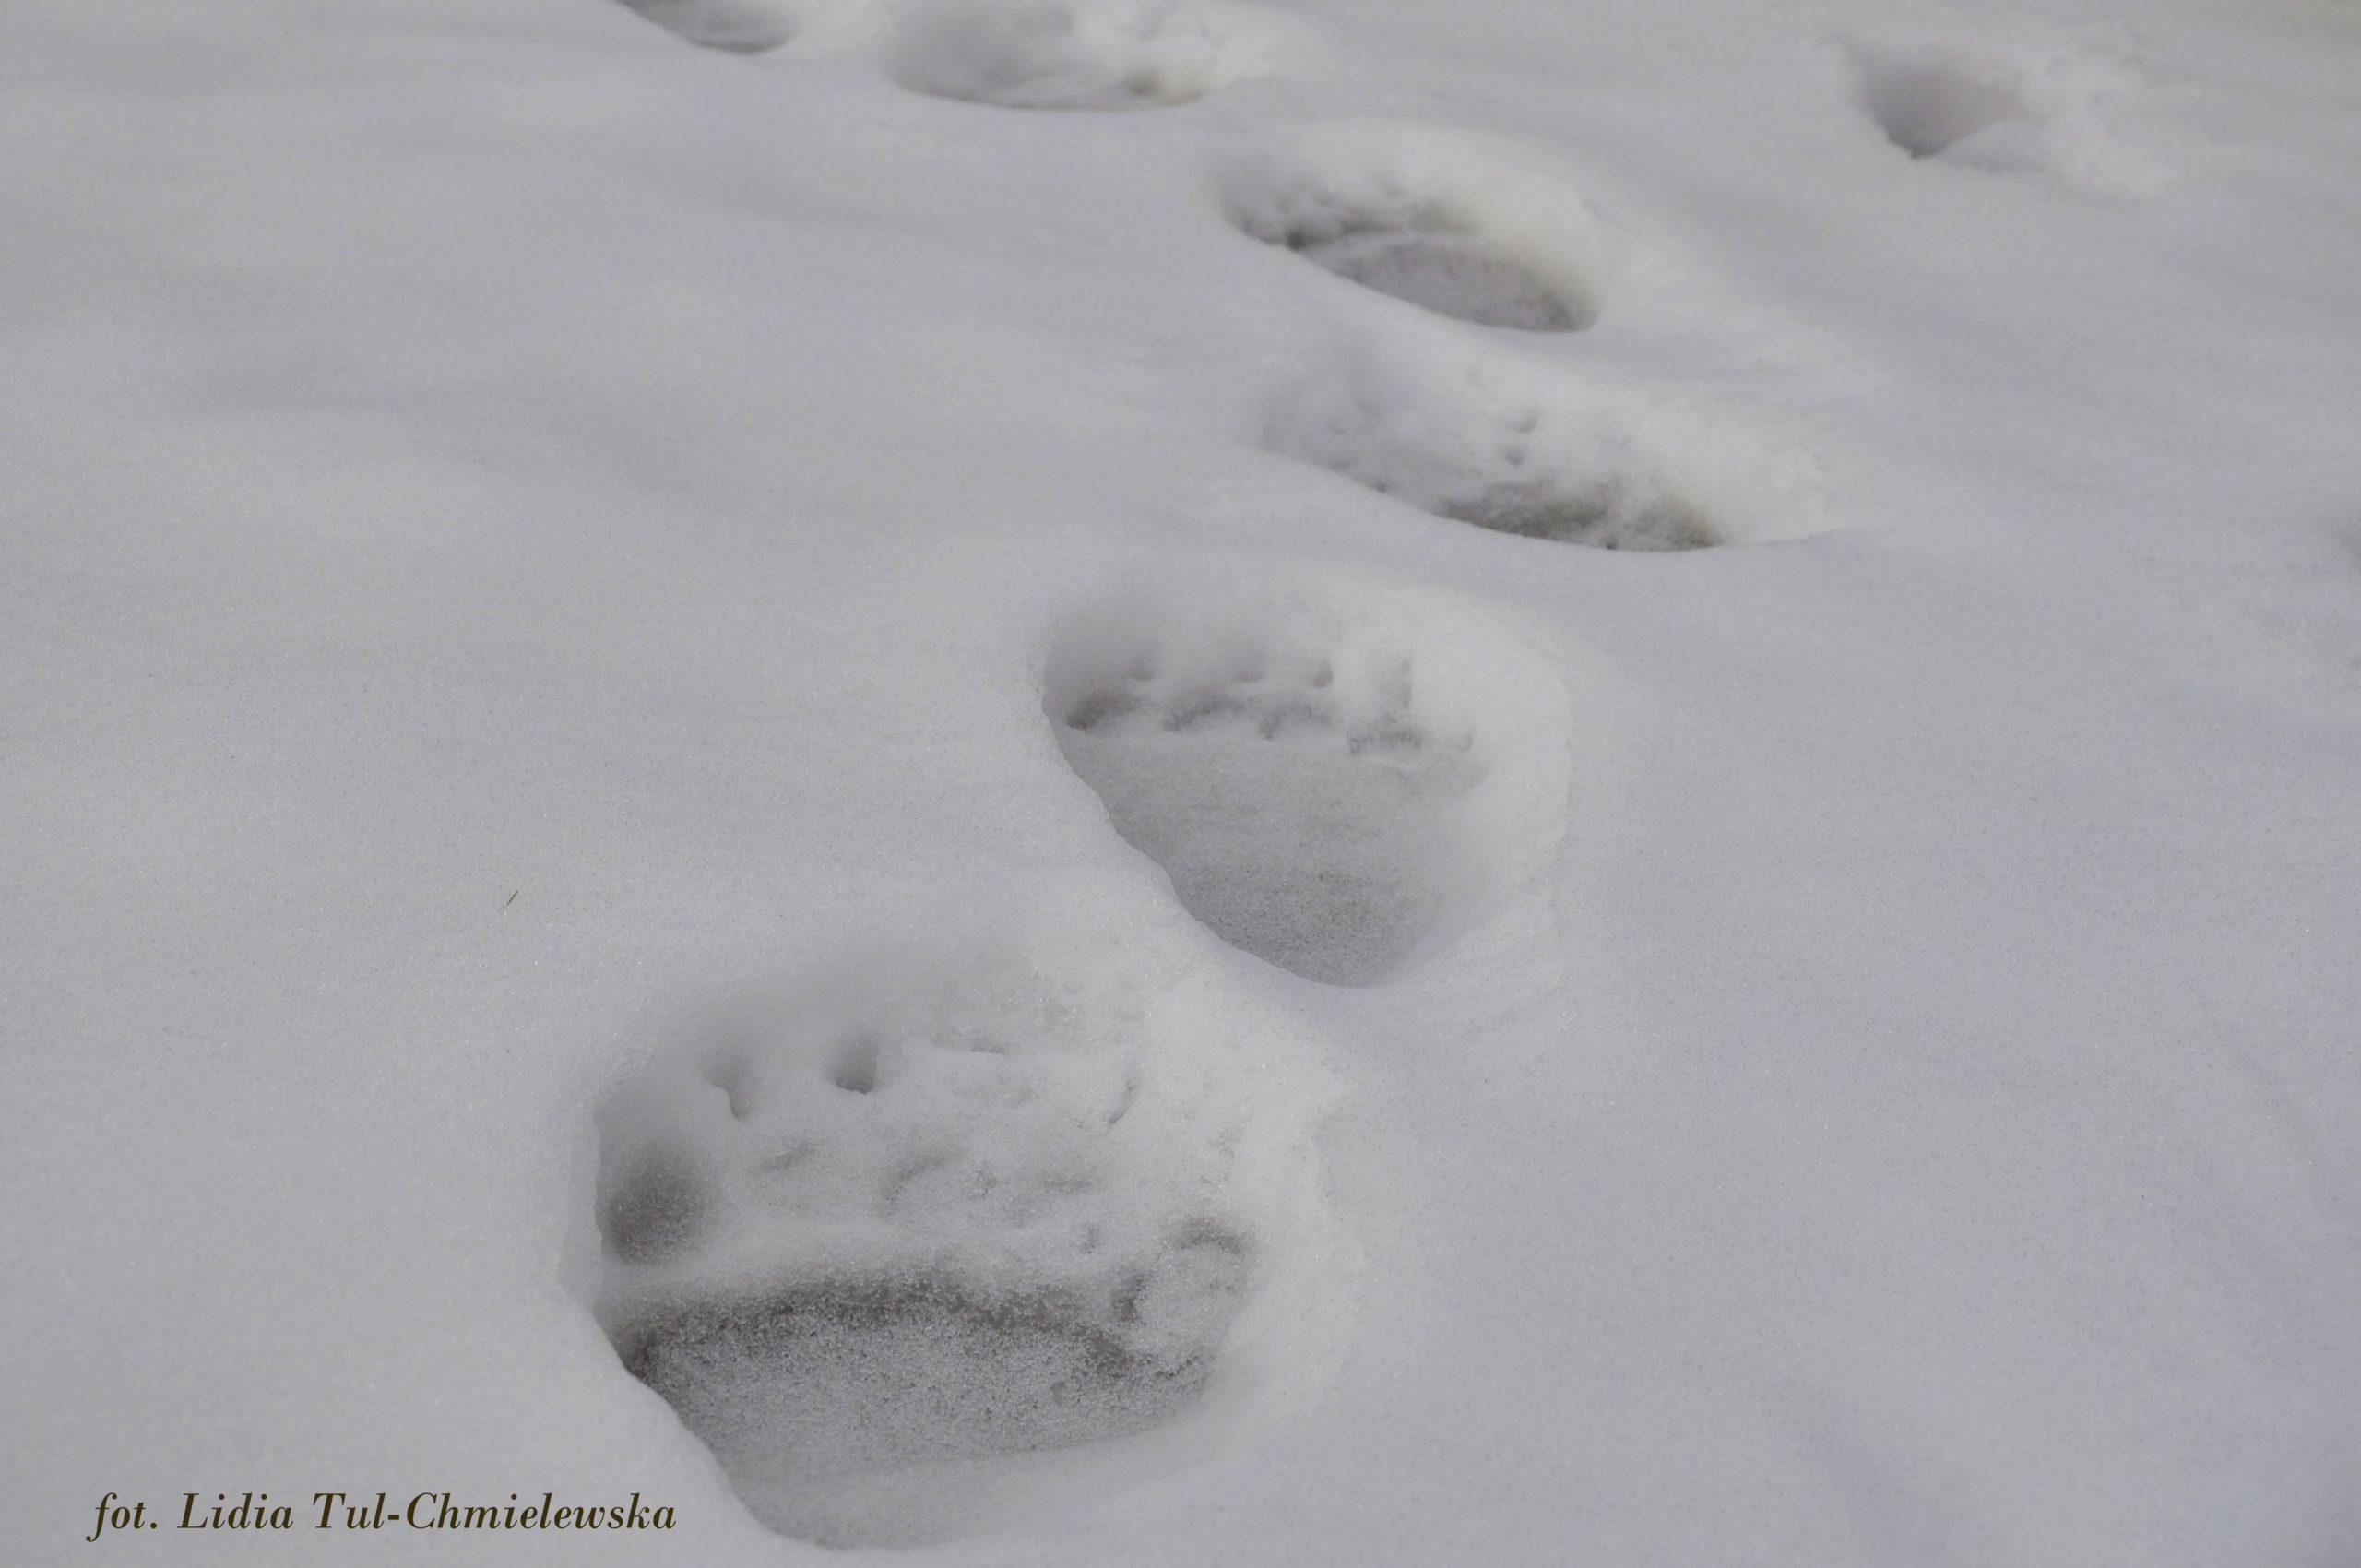 Misiowe ślady na sniegu fot. Lidia Tul-Chmielewska